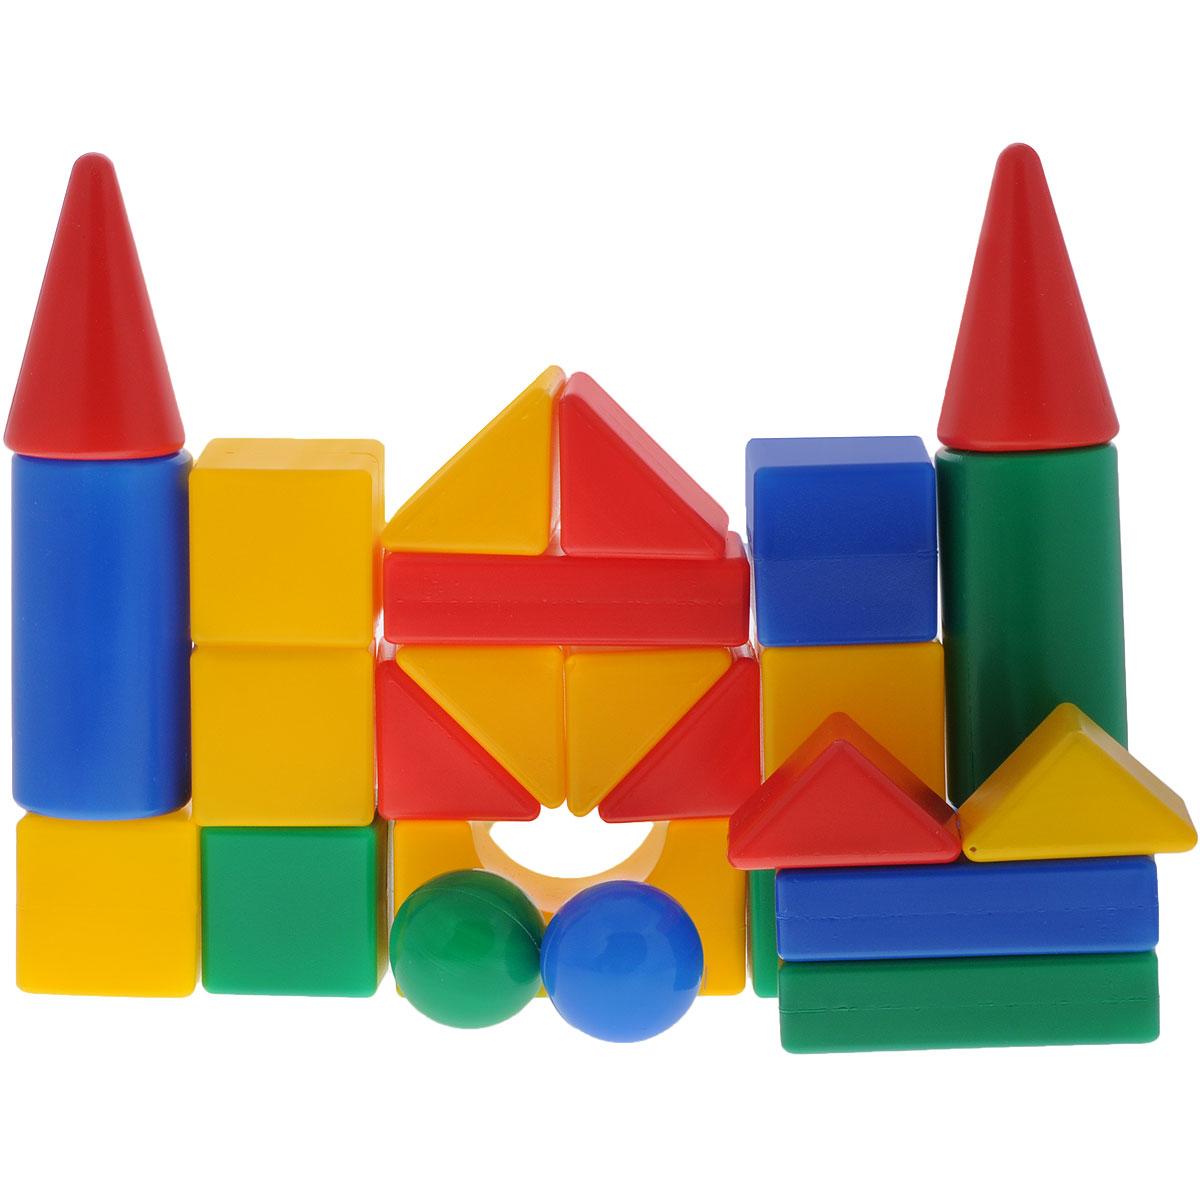 Конструктор Маша и Медведь Давай строить!, 26 элементовGT5613Яркий конструктор Давай строить! привлечет внимание вашего ребенка и не позволит ему скучать. Это яркие, вариативные по форме, текстуре, размерам детали, которые могут послужить материалом для создания целого городка, домика и всего, что ему подскажет фантазия. Элементы конструктора крупные, поэтому ребенку будет легко и удобно играть с ними. Игра с конструктором поможет ребенку научиться соотносить форму и величину предметов, развить мелкую моторику рук, логическое и пространственное мышление и творческие способности, а также поспособствует развитию концентрации внимания и усидчивости.